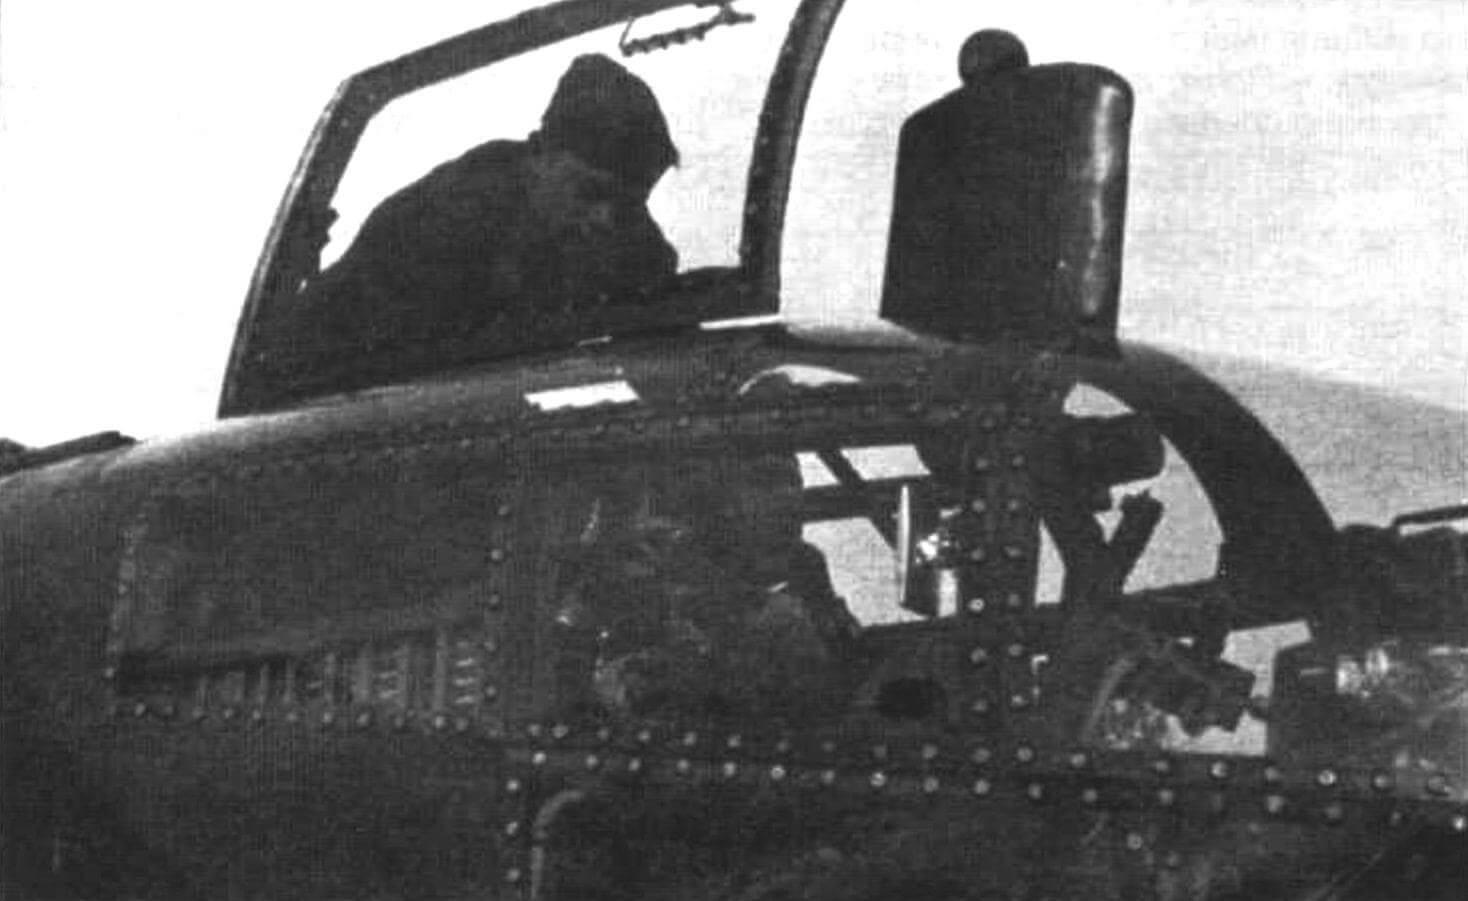 Фрагмент носовой части фюзеляжа Аг234В-2 с открытой крышкой фонаря кабины пилота и перископом RF2C стрелкового прицела